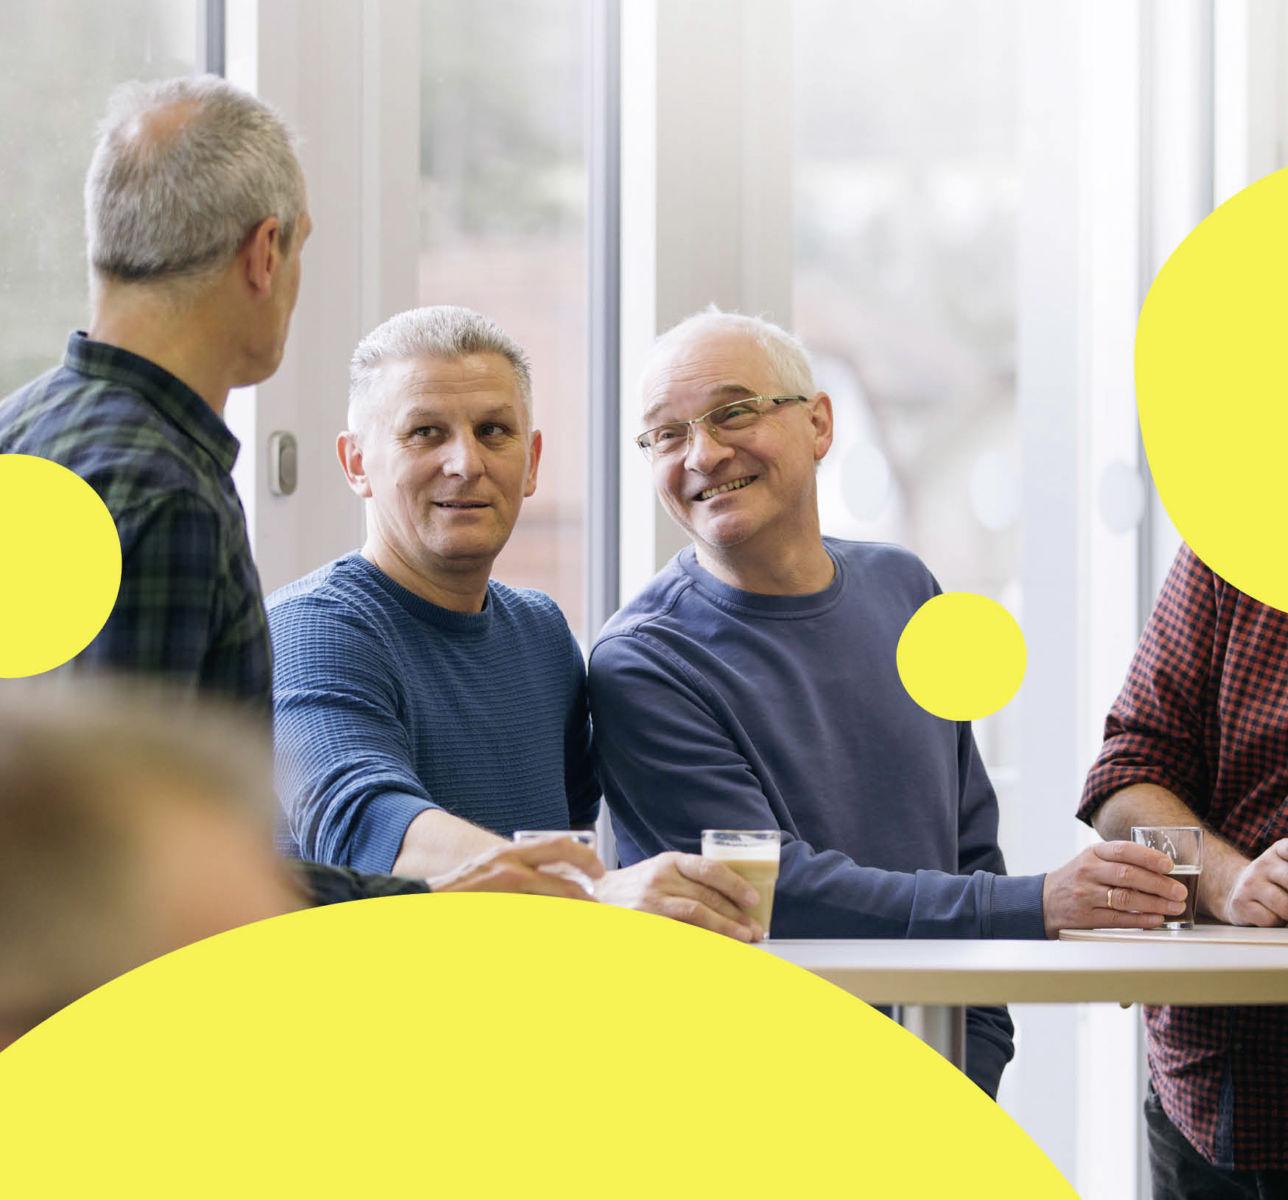 FIAT – das neue Angebot von inclusioplus | Aktuelles von inclusioplus · Arbeiten und Wohnen mitten in der Gesellschaft